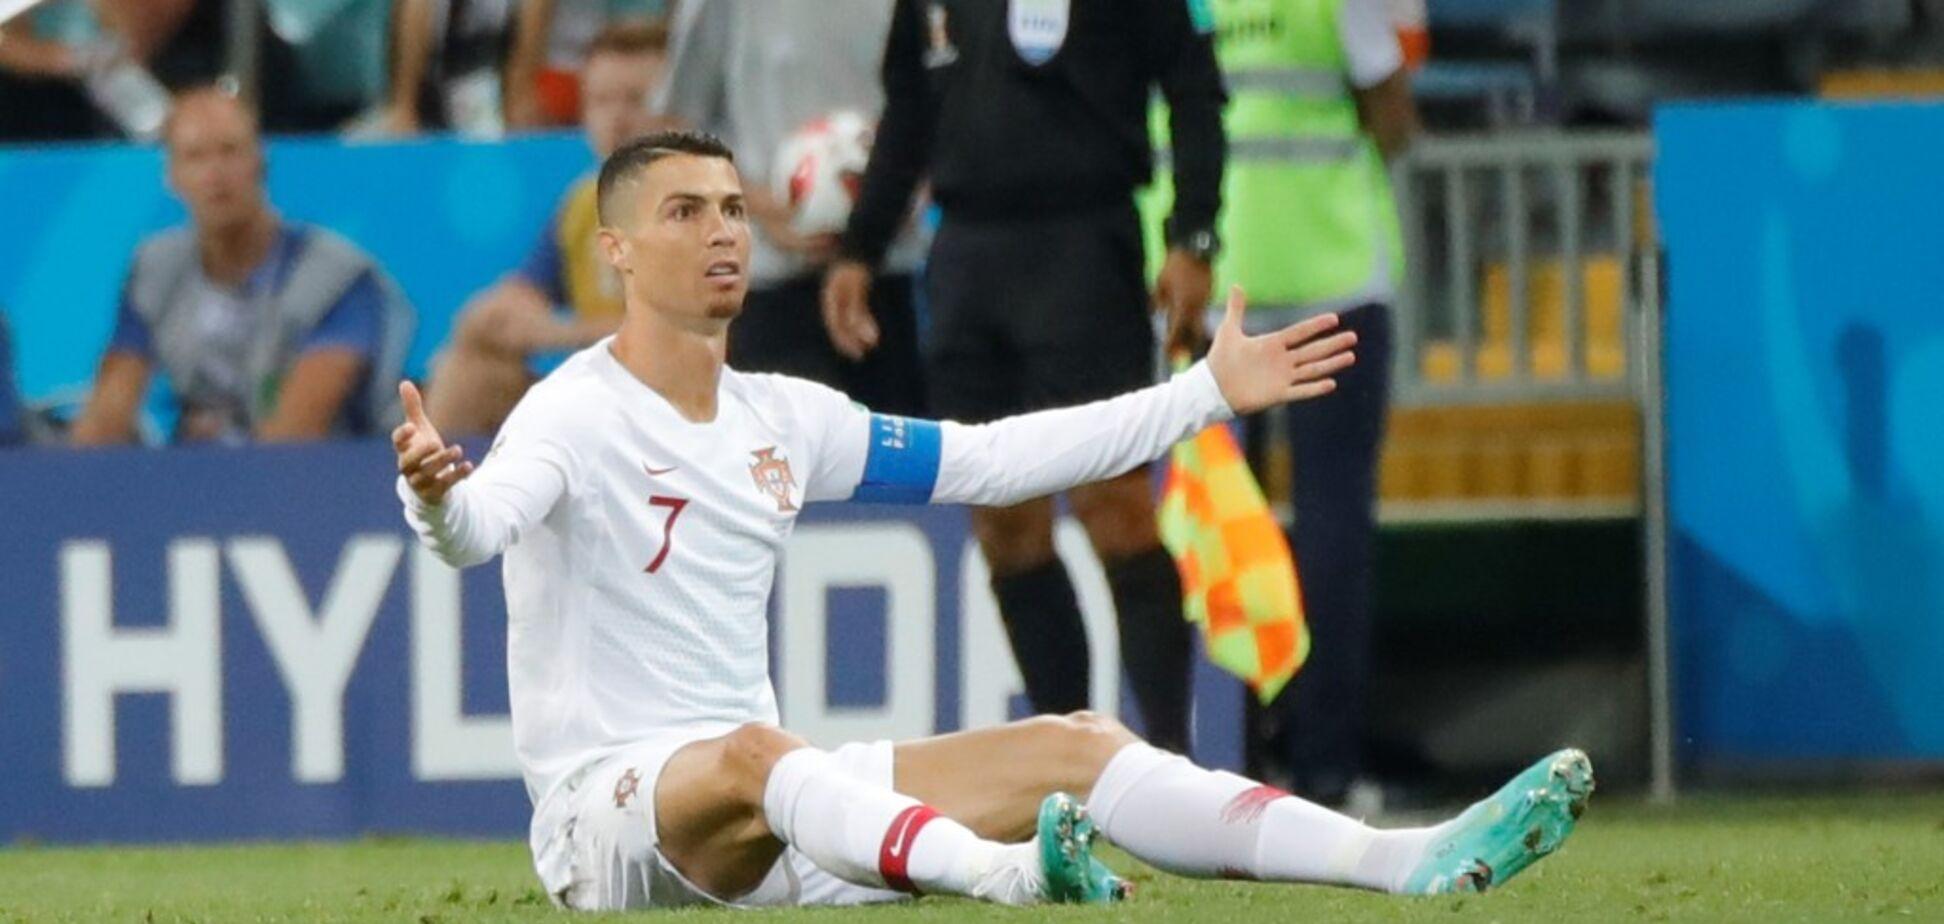 'Немає сенсу тримати Роналду': екс-тренер збірної України висловився про майбутній матч із Португалією